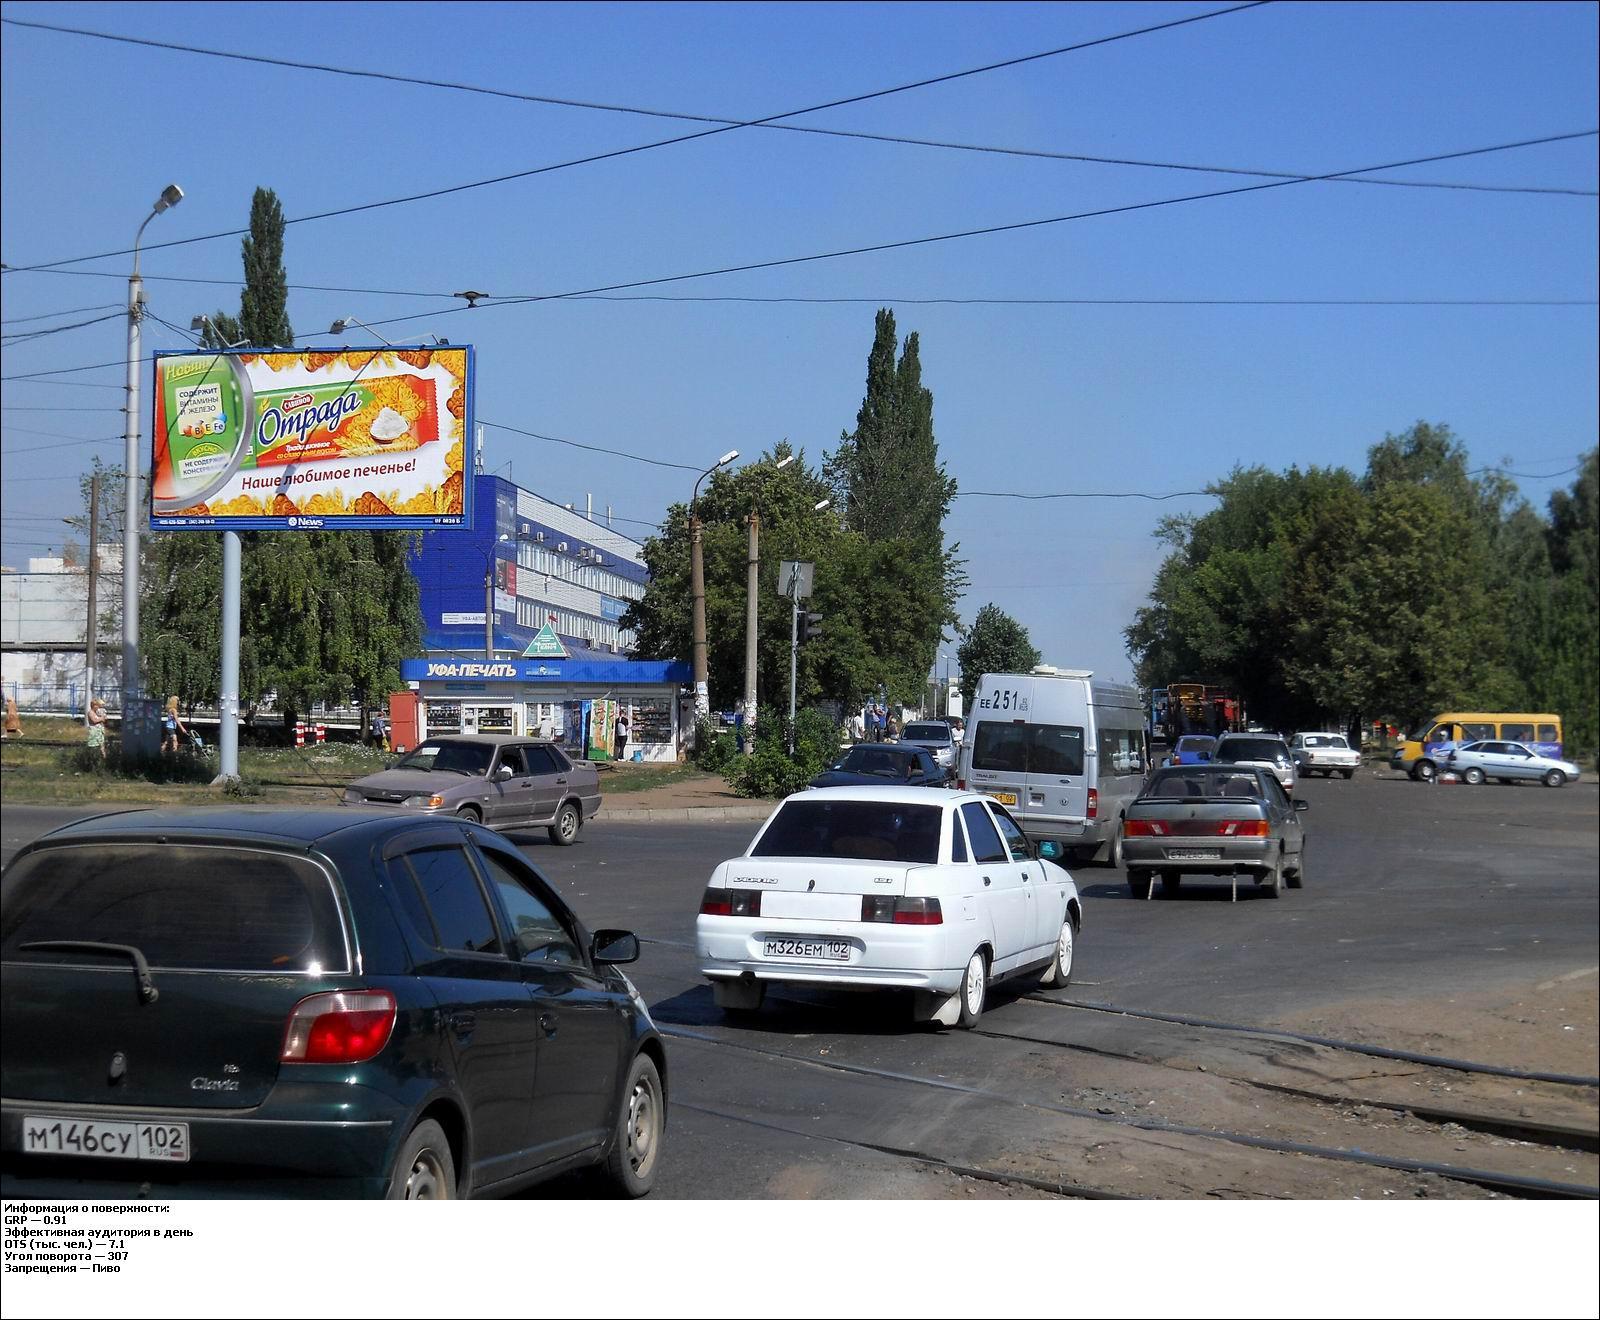 Продажа подержанных и новых автомобилей в Уфе на